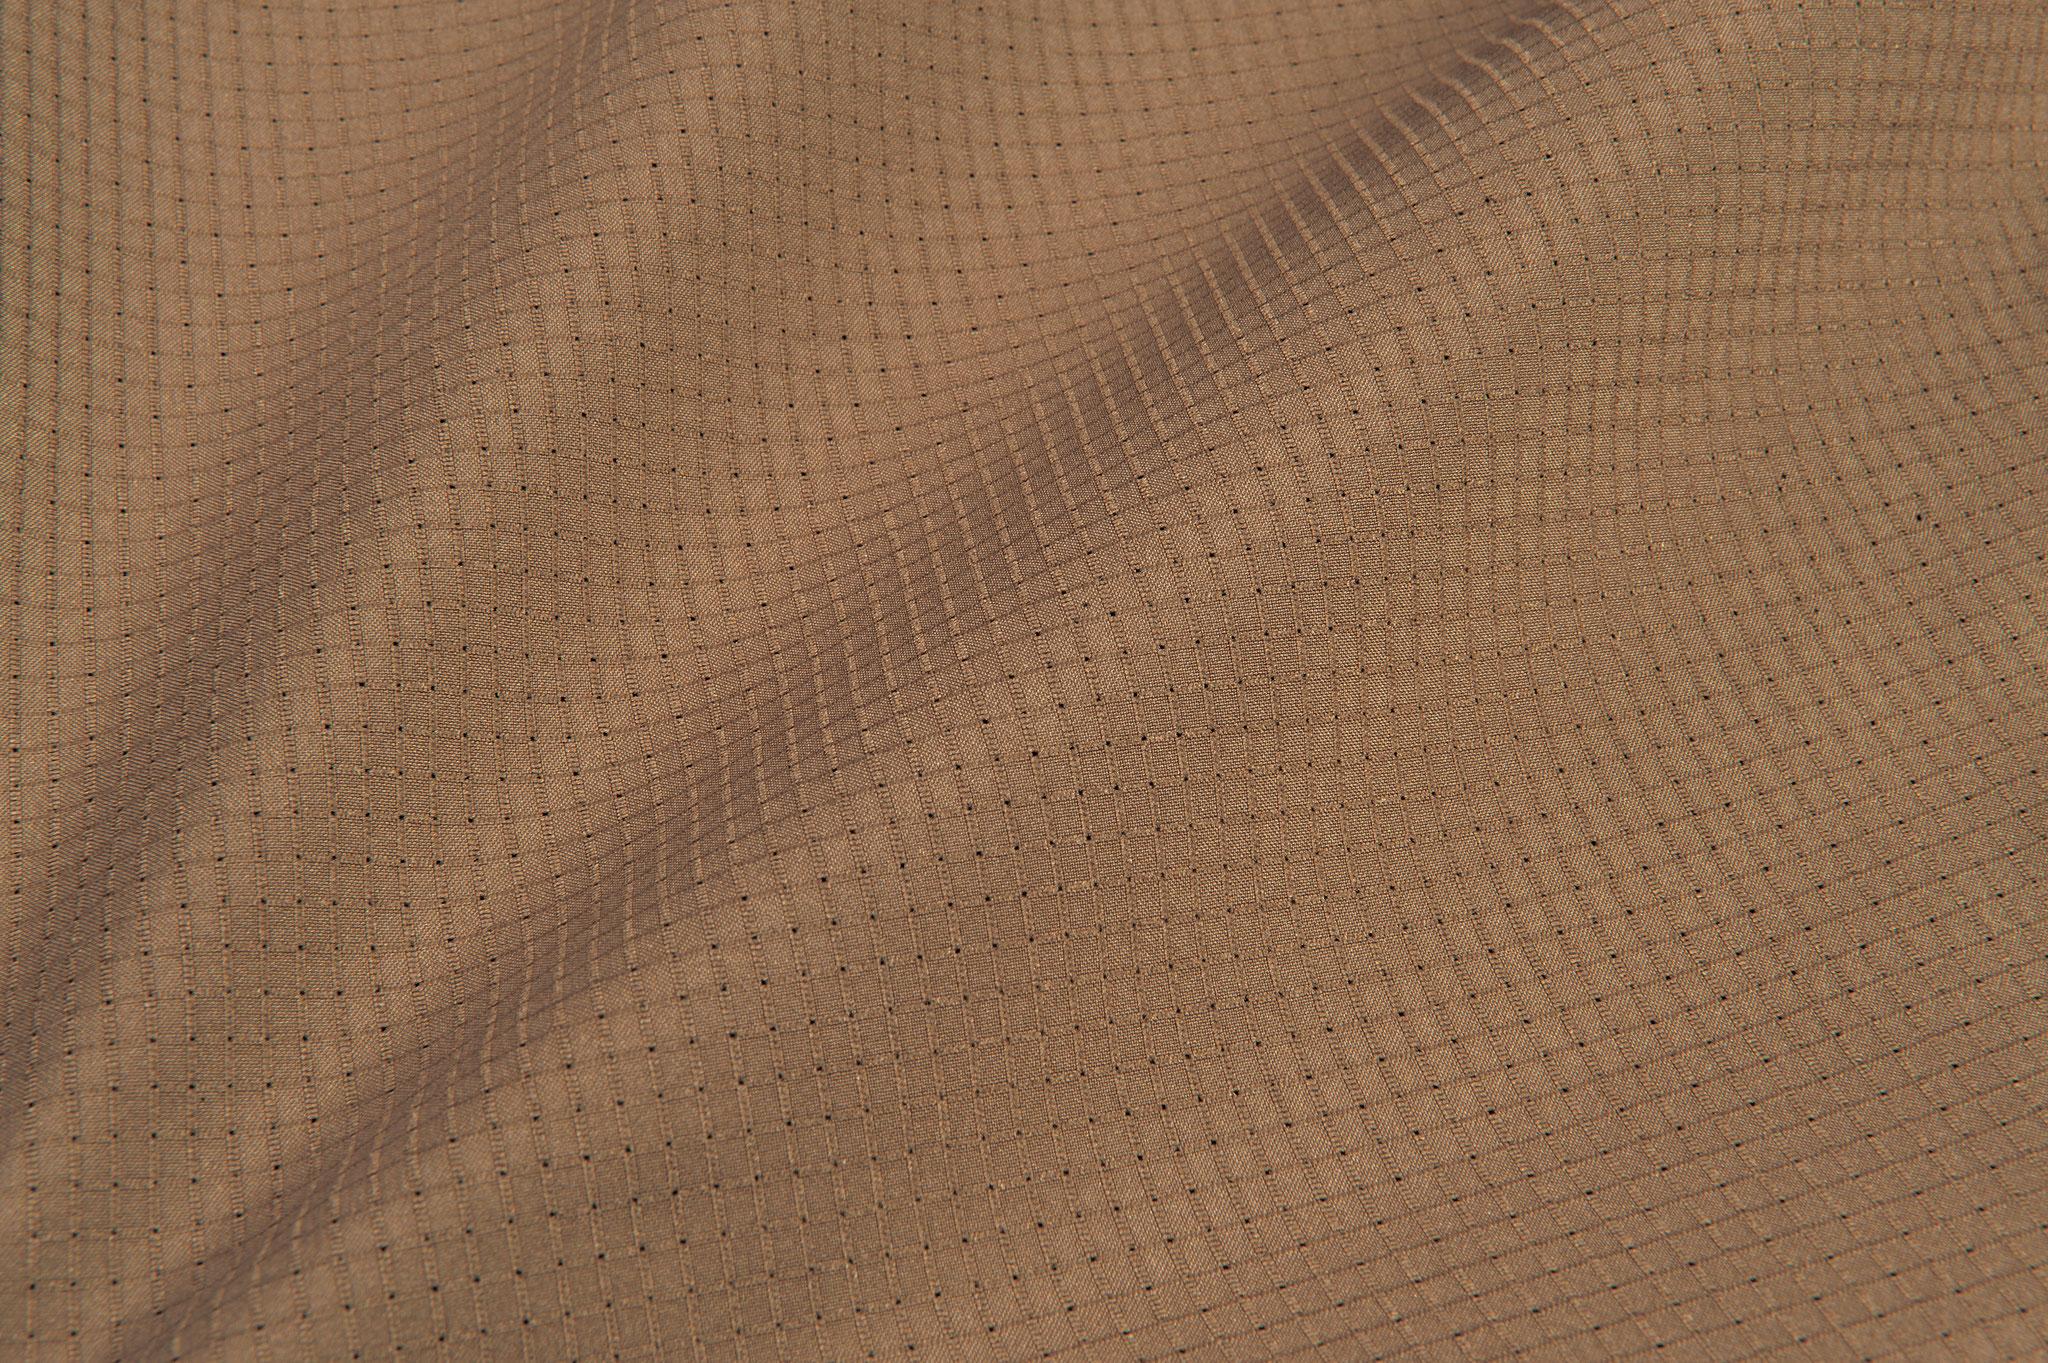 通気性バツグンのエアーメッシュ 84602 ストレッチメンズエアーパンツ